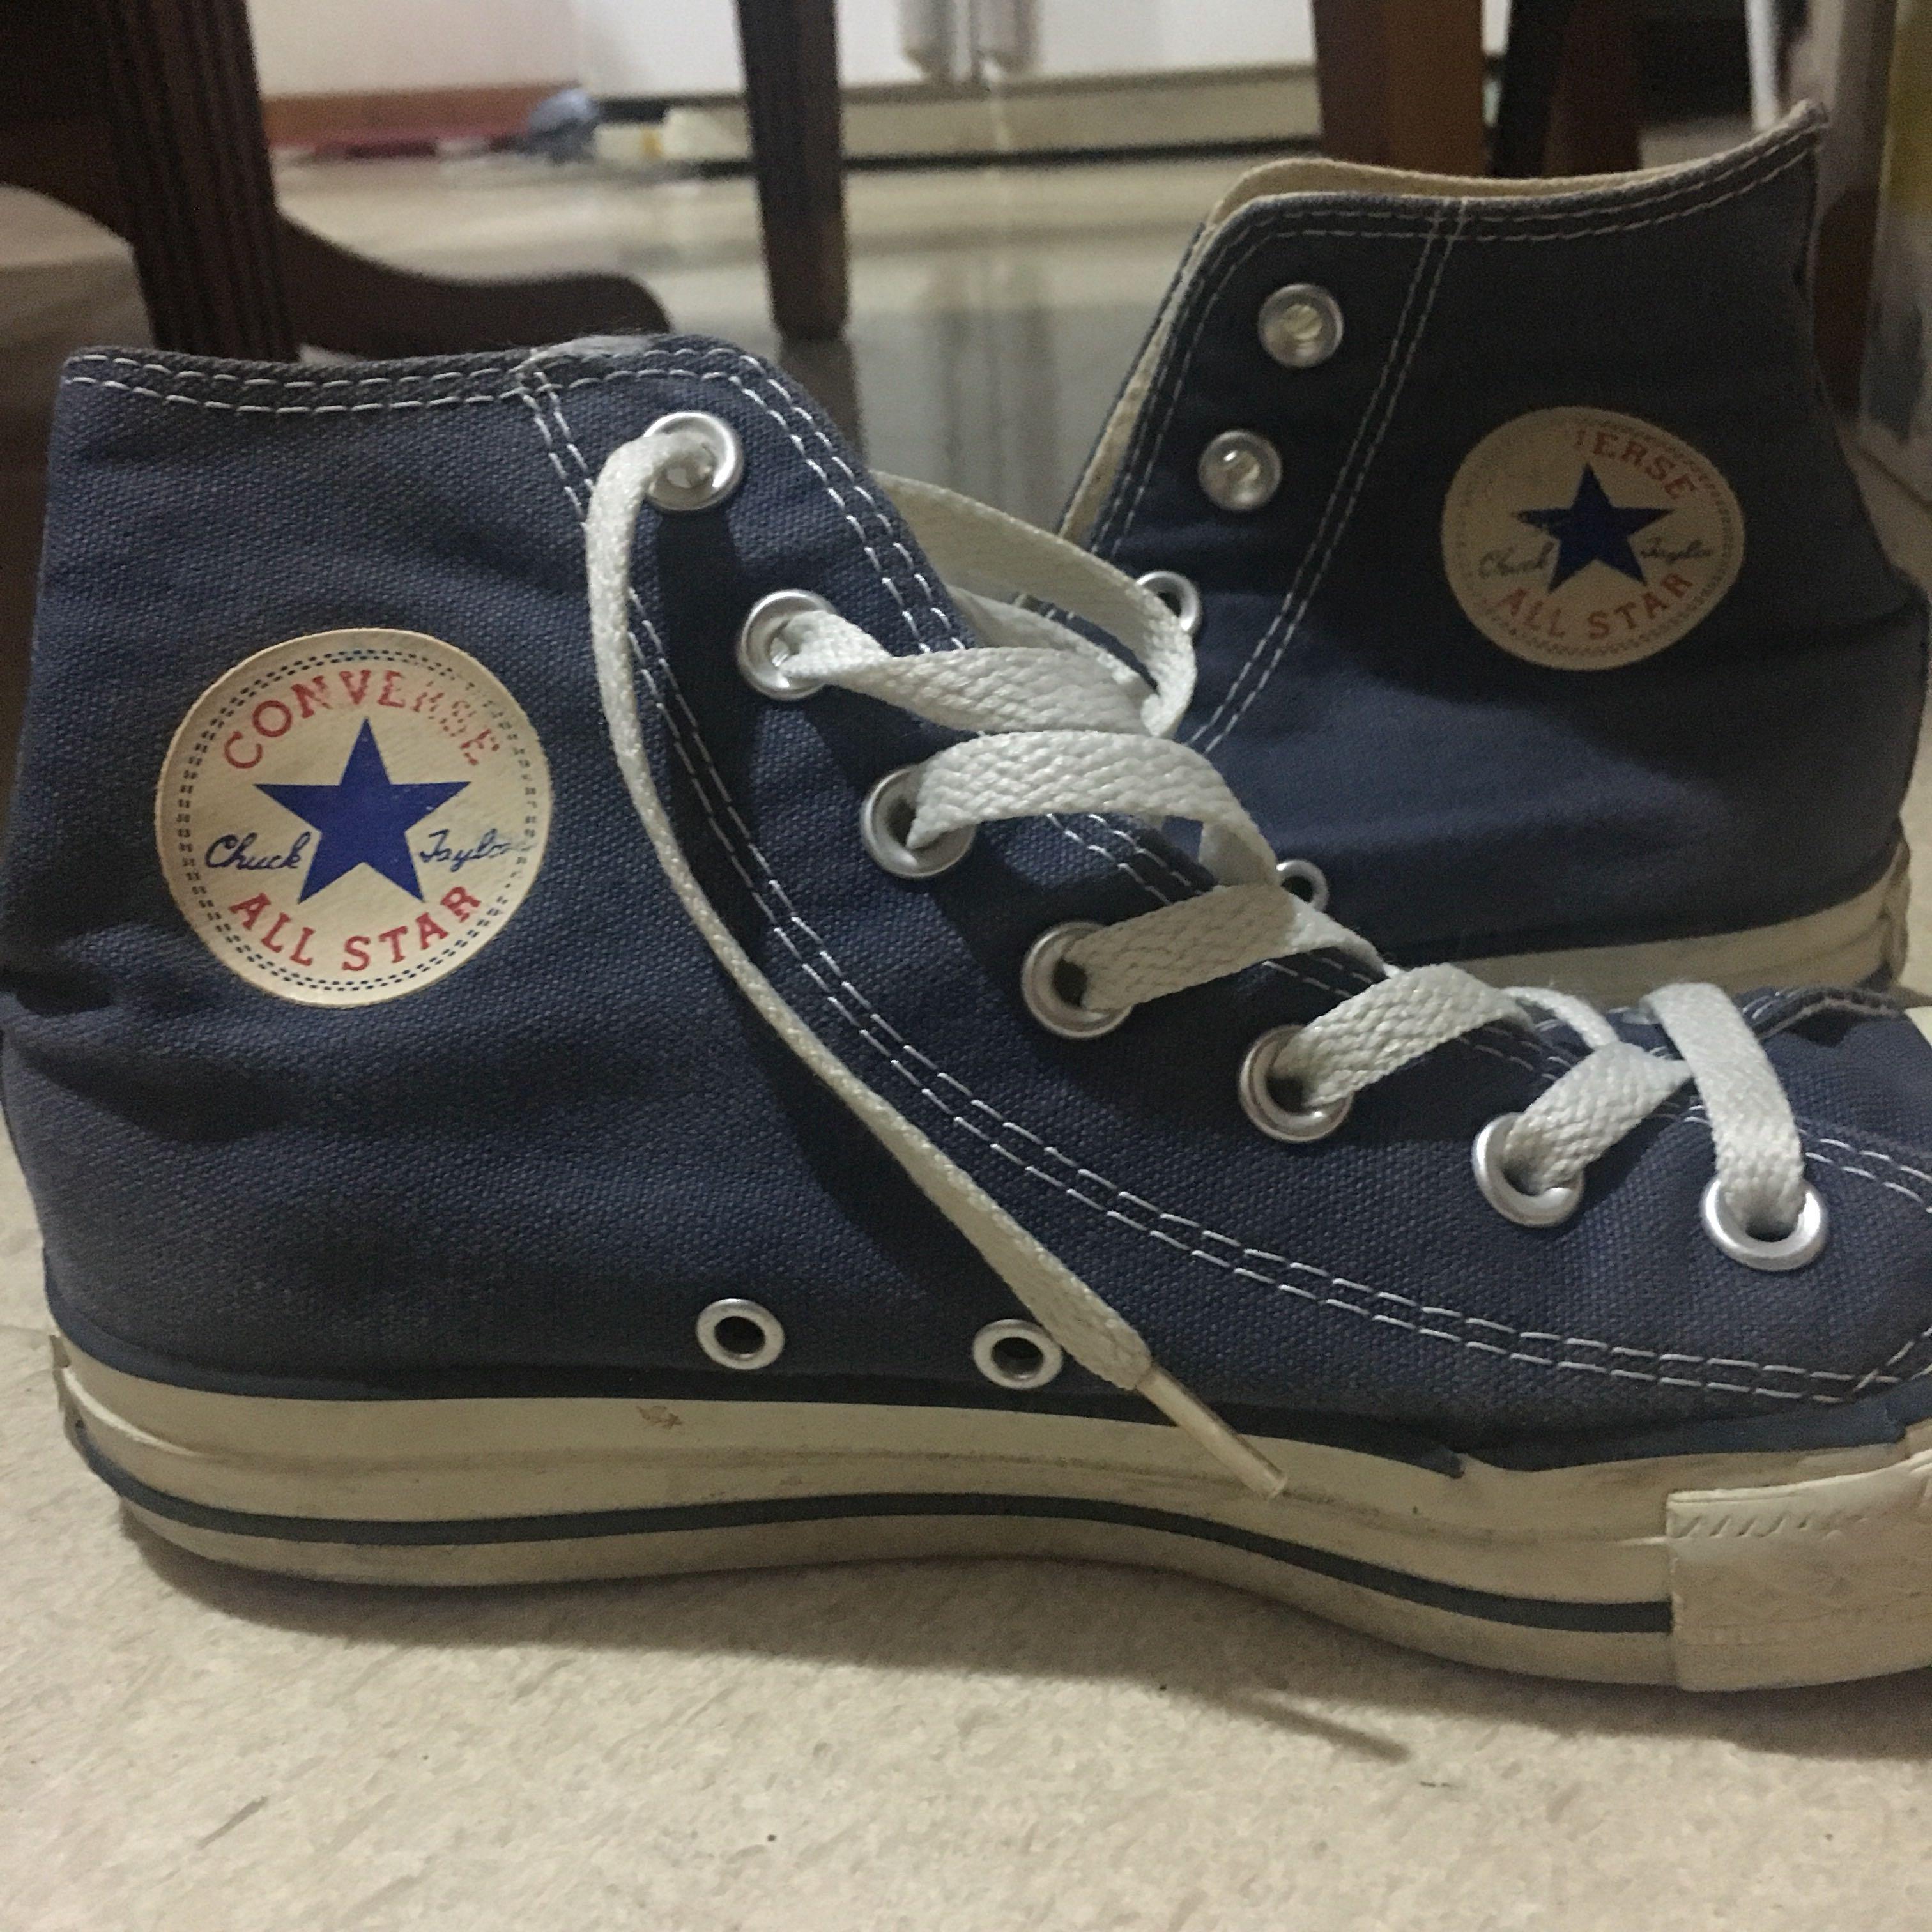 Converse High Cut Blue, Women's Fashion